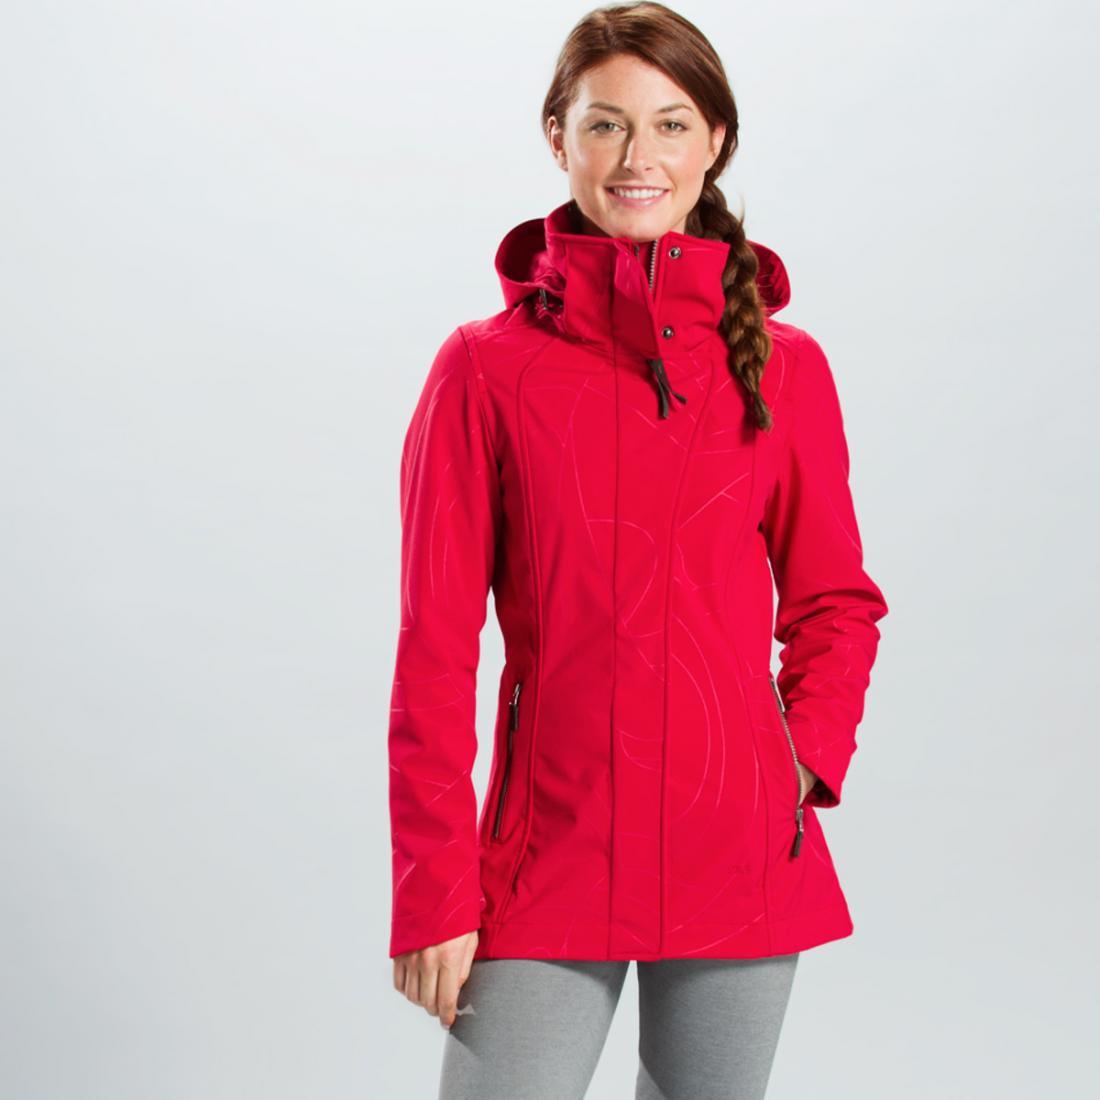 Куртка LUW0191 STUNNING JACKETКуртки<br>Легкий демисезонный плащ из софтшела с оригинальным принтом – функциональная и женственная вещь. <br> <br><br>Регулировки сзади на талии...<br><br>Цвет: Бордовый<br>Размер: L